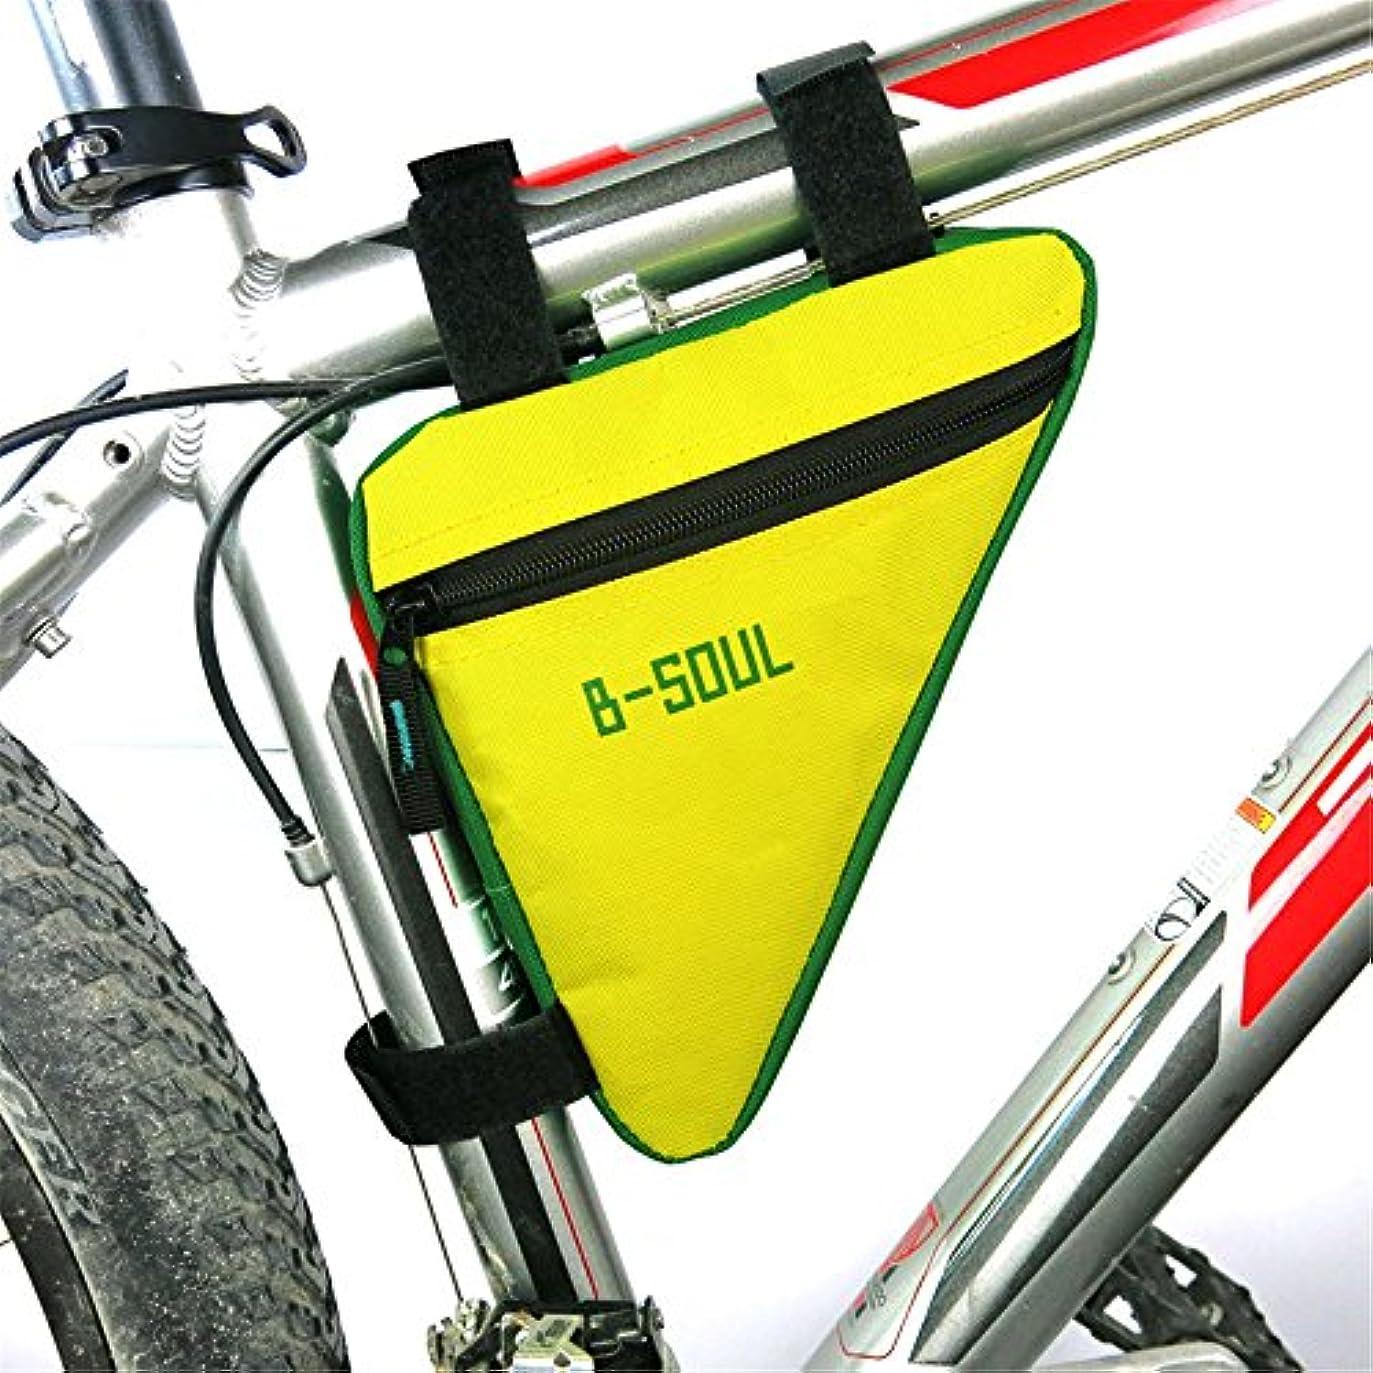 明確な透けて見える見捨てるサイクリングバッグ防水スポーツ自転車パニエバイクフレームバッグ、アウトドアサイクリングアクセサリー自転車フロントチューブトライアングルバッグ サイクリングバッグ防水 (色 : 黄)